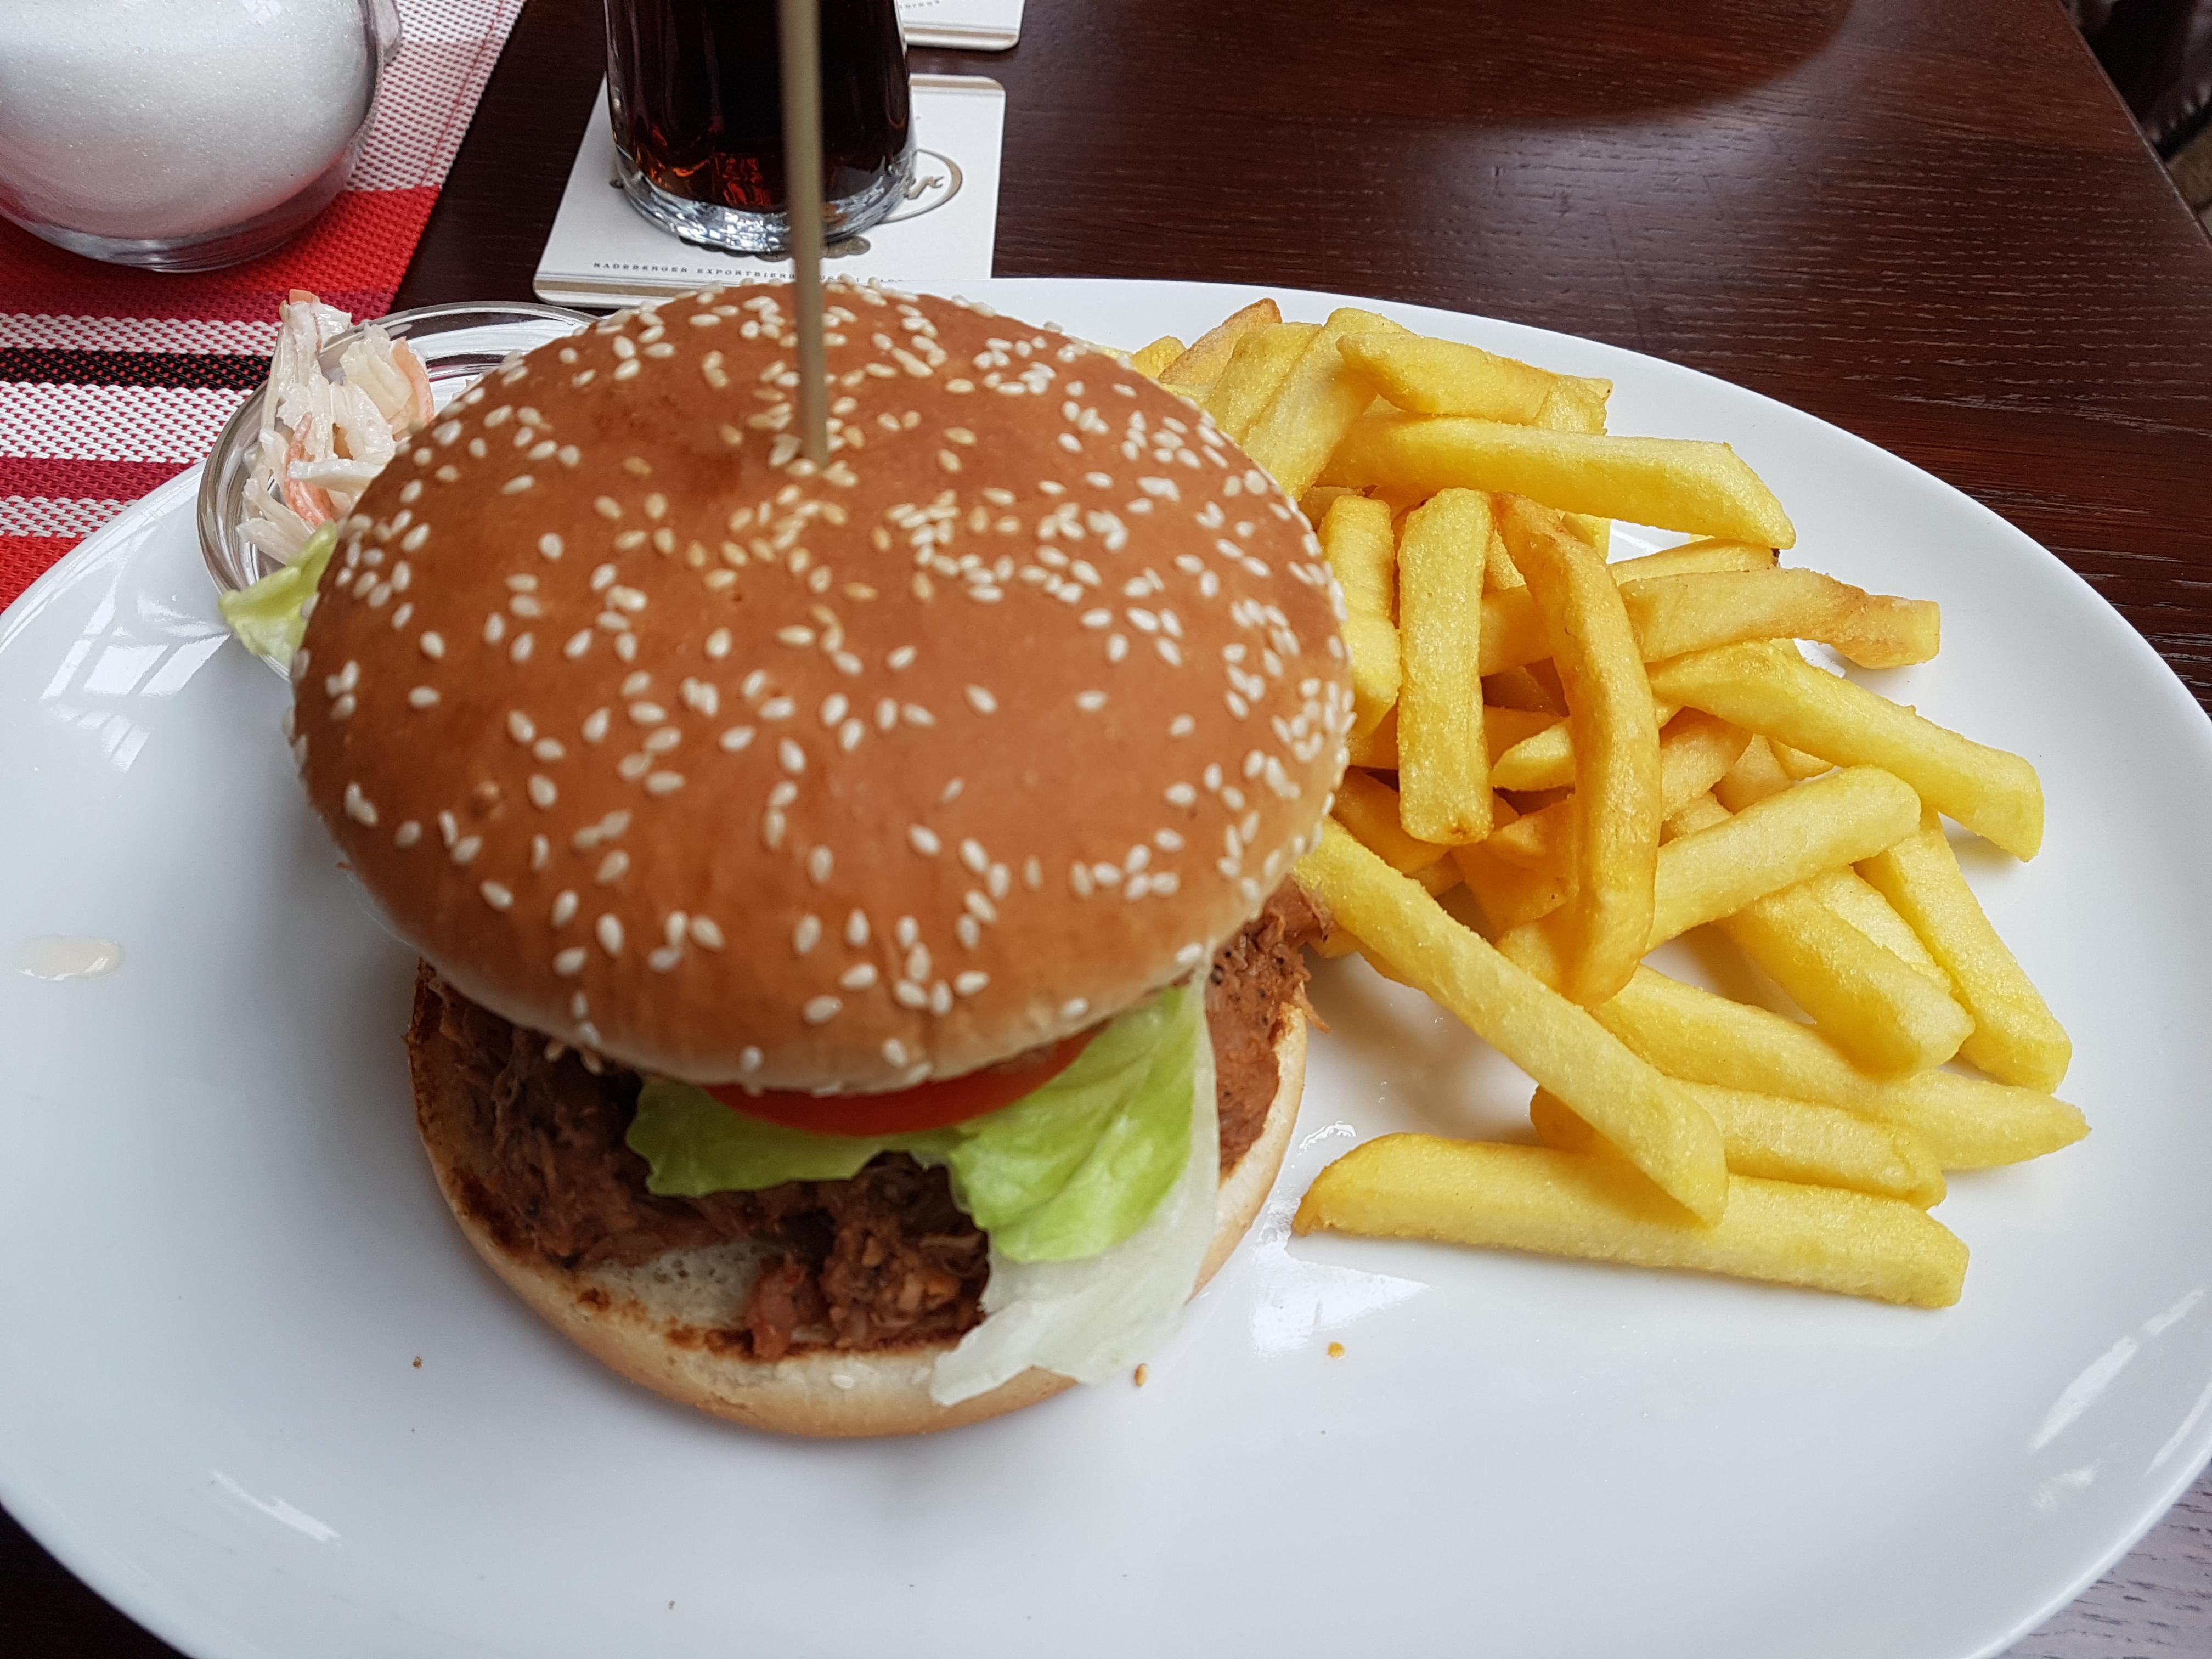 https://foodloader.net/Holz_2019-03-09_Pulled_Pork_Burger.jpg